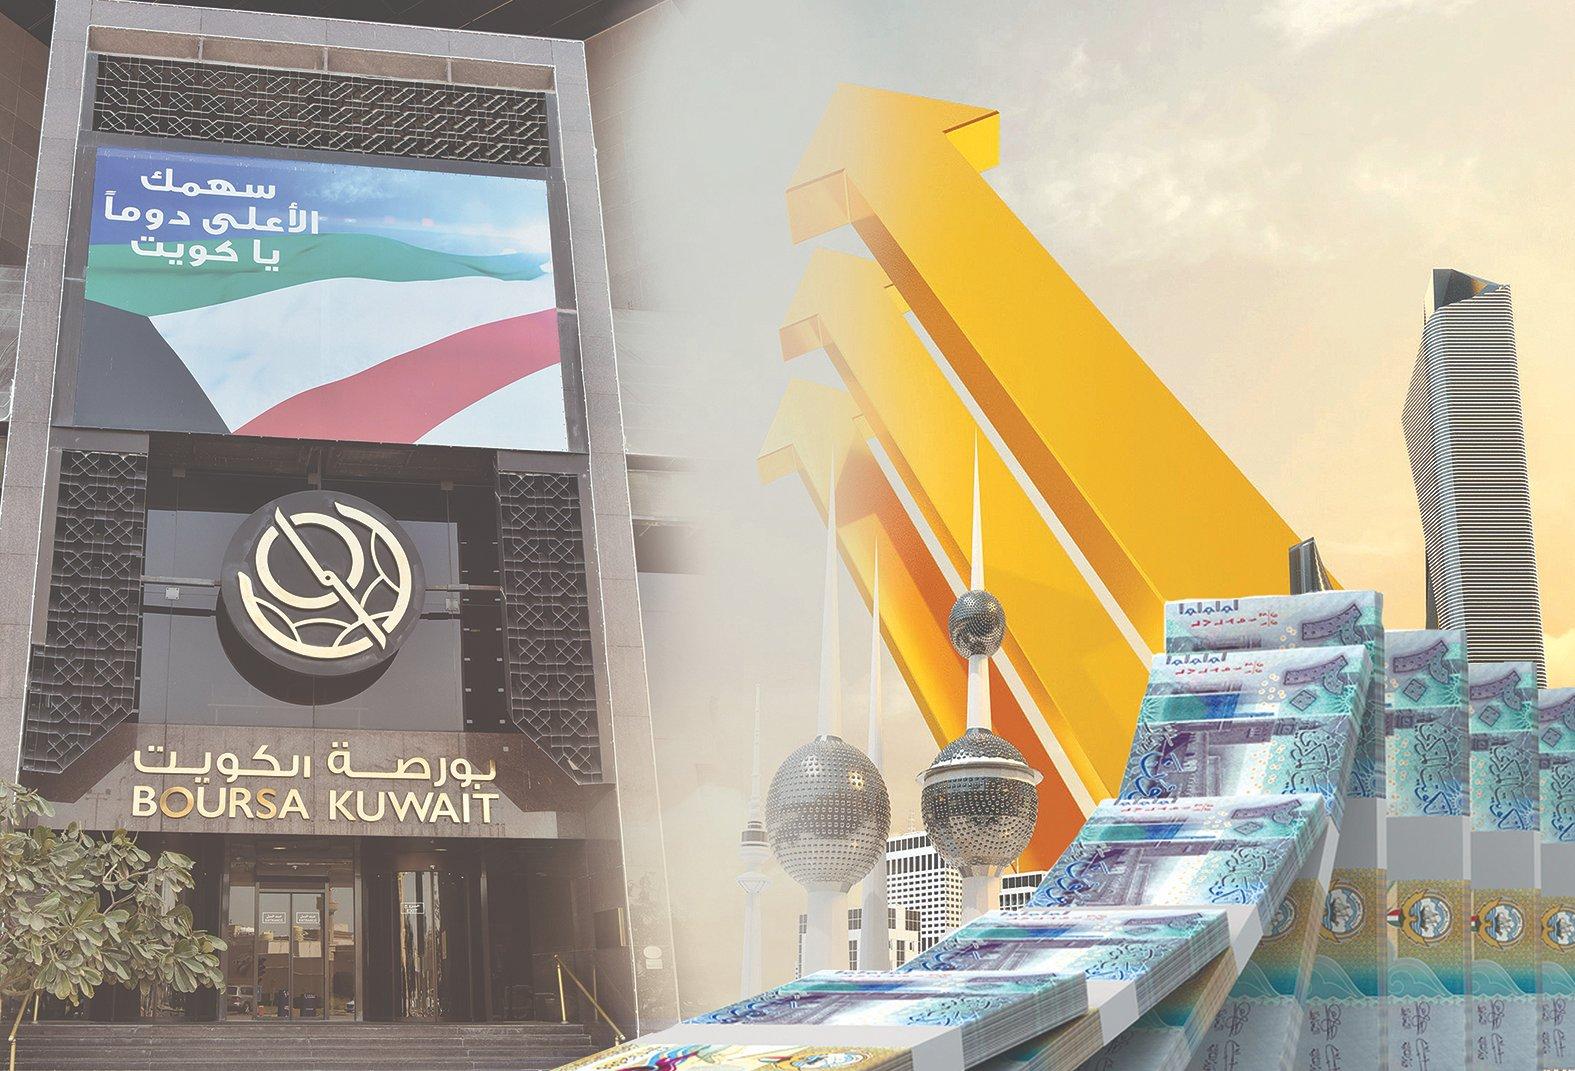 ٢٠٢١٠٩١٧ ٠٠٠٩٥٢ - «#بورصة_الكويت» تواصل حصد المكاسب بـ 352 مليون دينار.  #العبدلي_نيوز